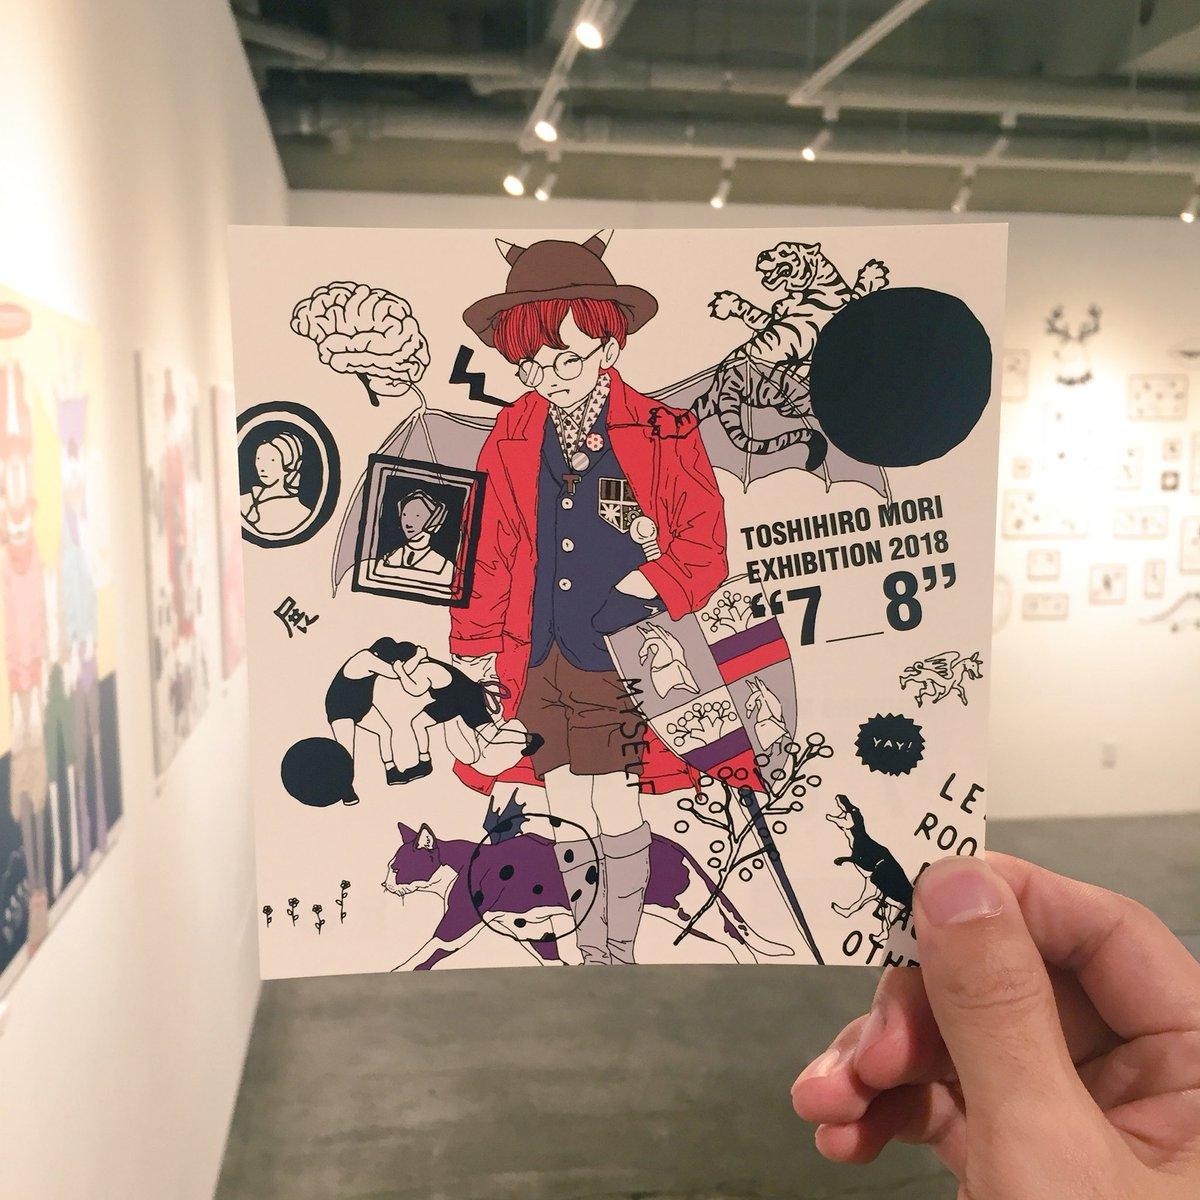 """いよいよ明日から2年ぶりの個展です! ほんとたくさん描いたからぜひ見て欲しい。 お待ちしてます!💫  森 俊博 個展 """"7_8"""" TOKYO 2018.6.30―7.8"""